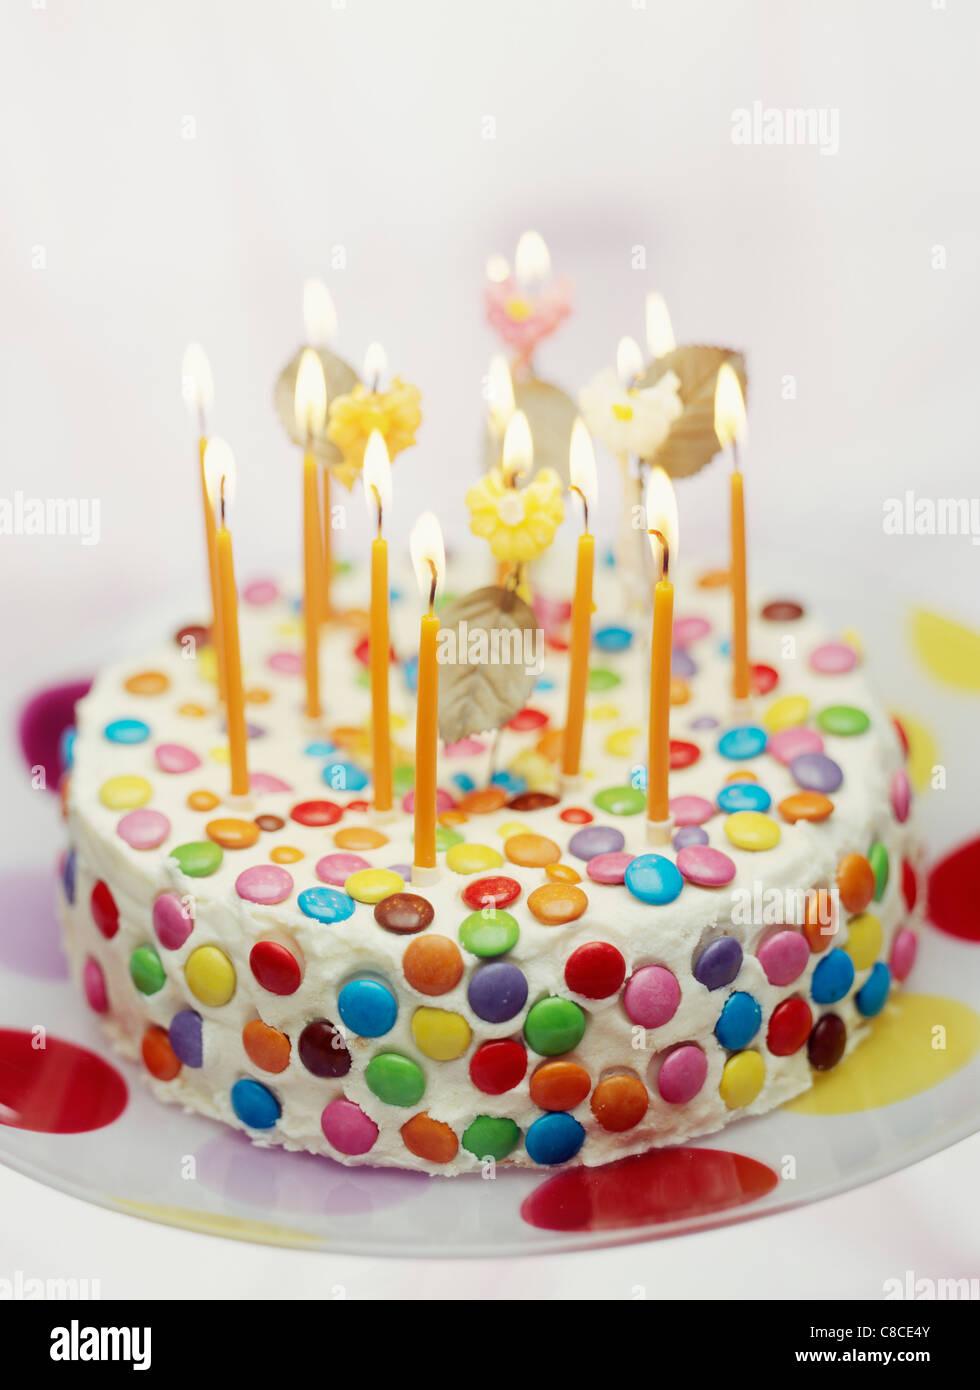 Bunten Geburtstagstorte Stockbild